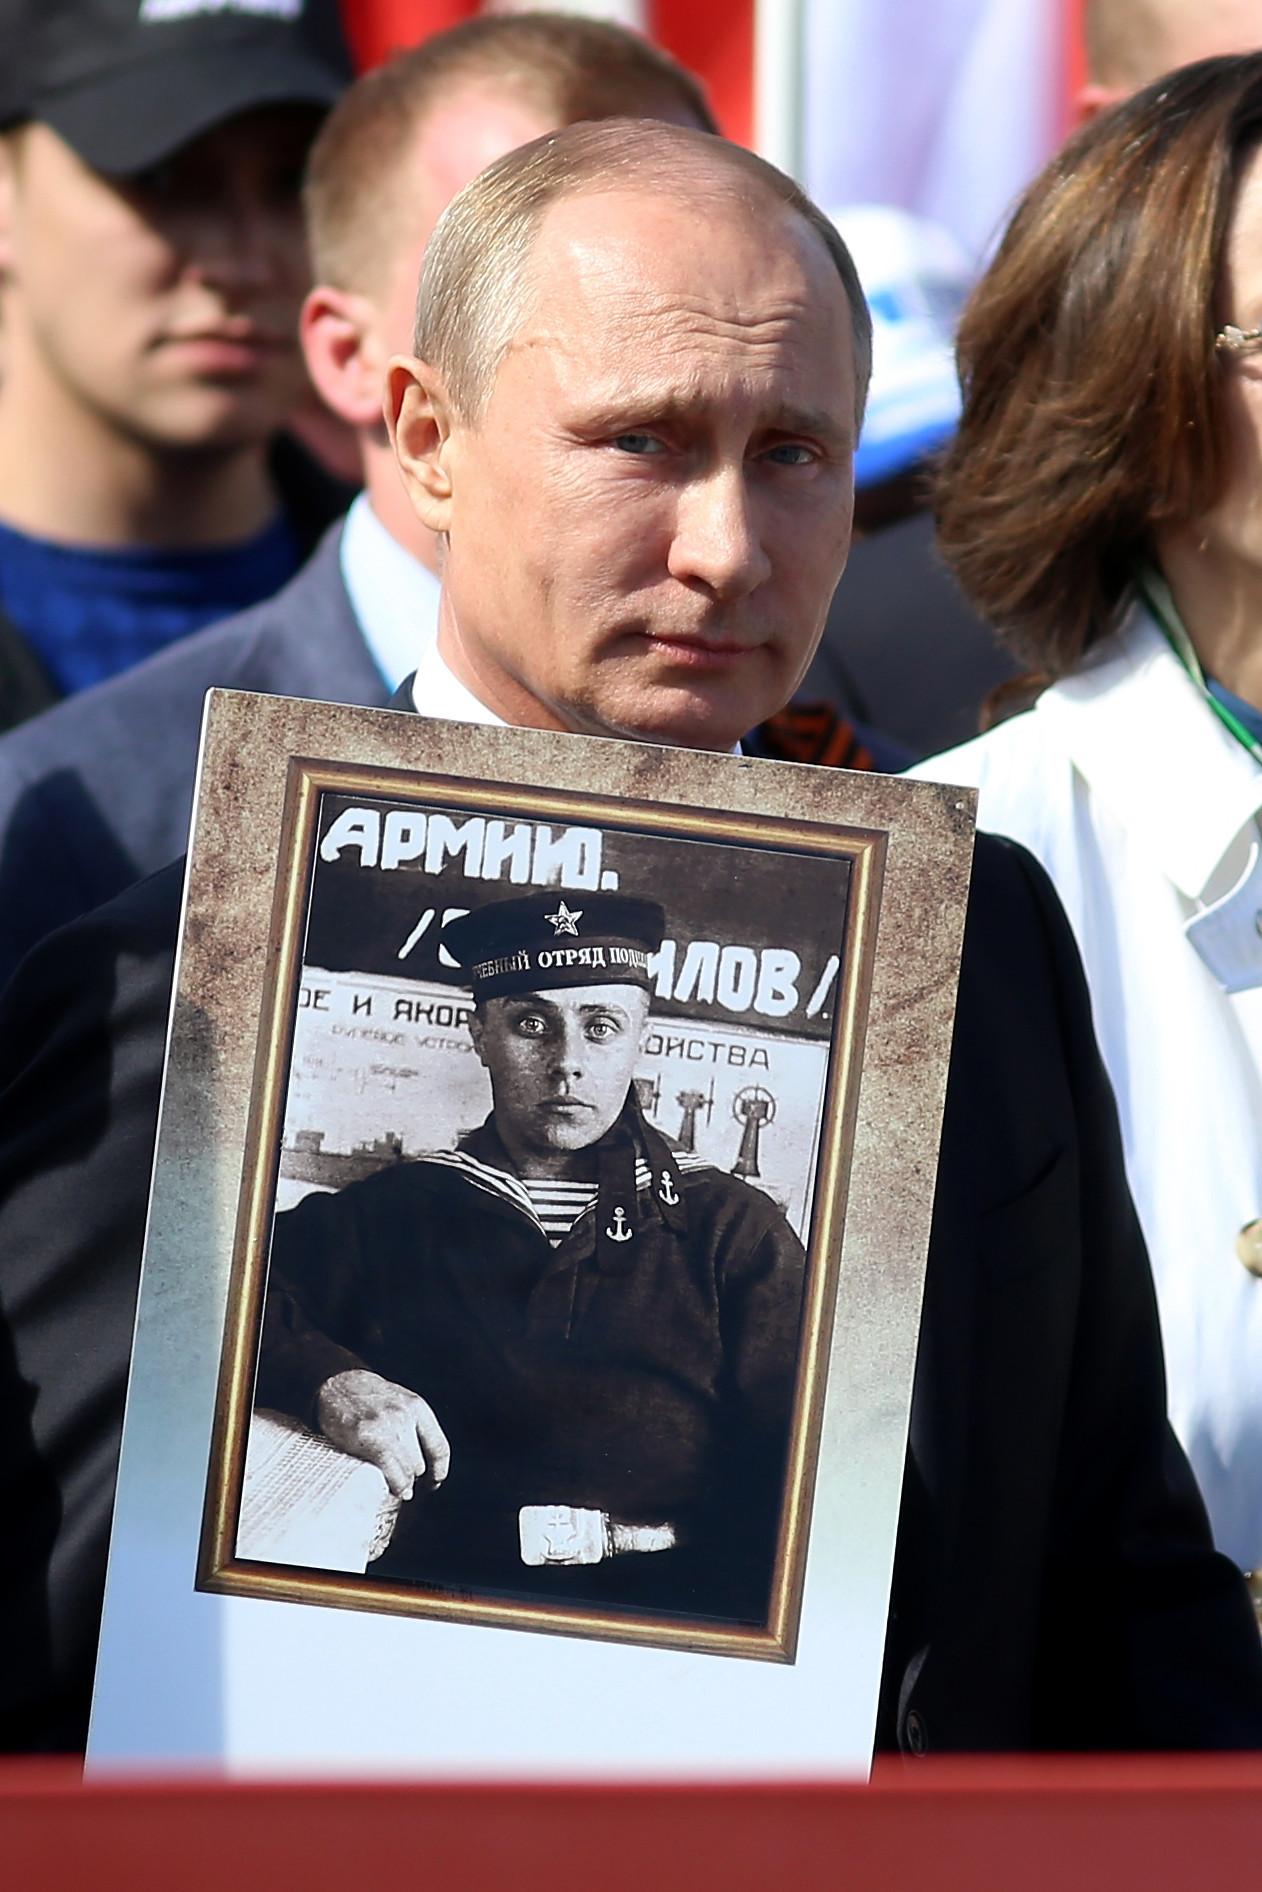 Vladimir Putin nosi fotografiju svog oca na manifestaciji